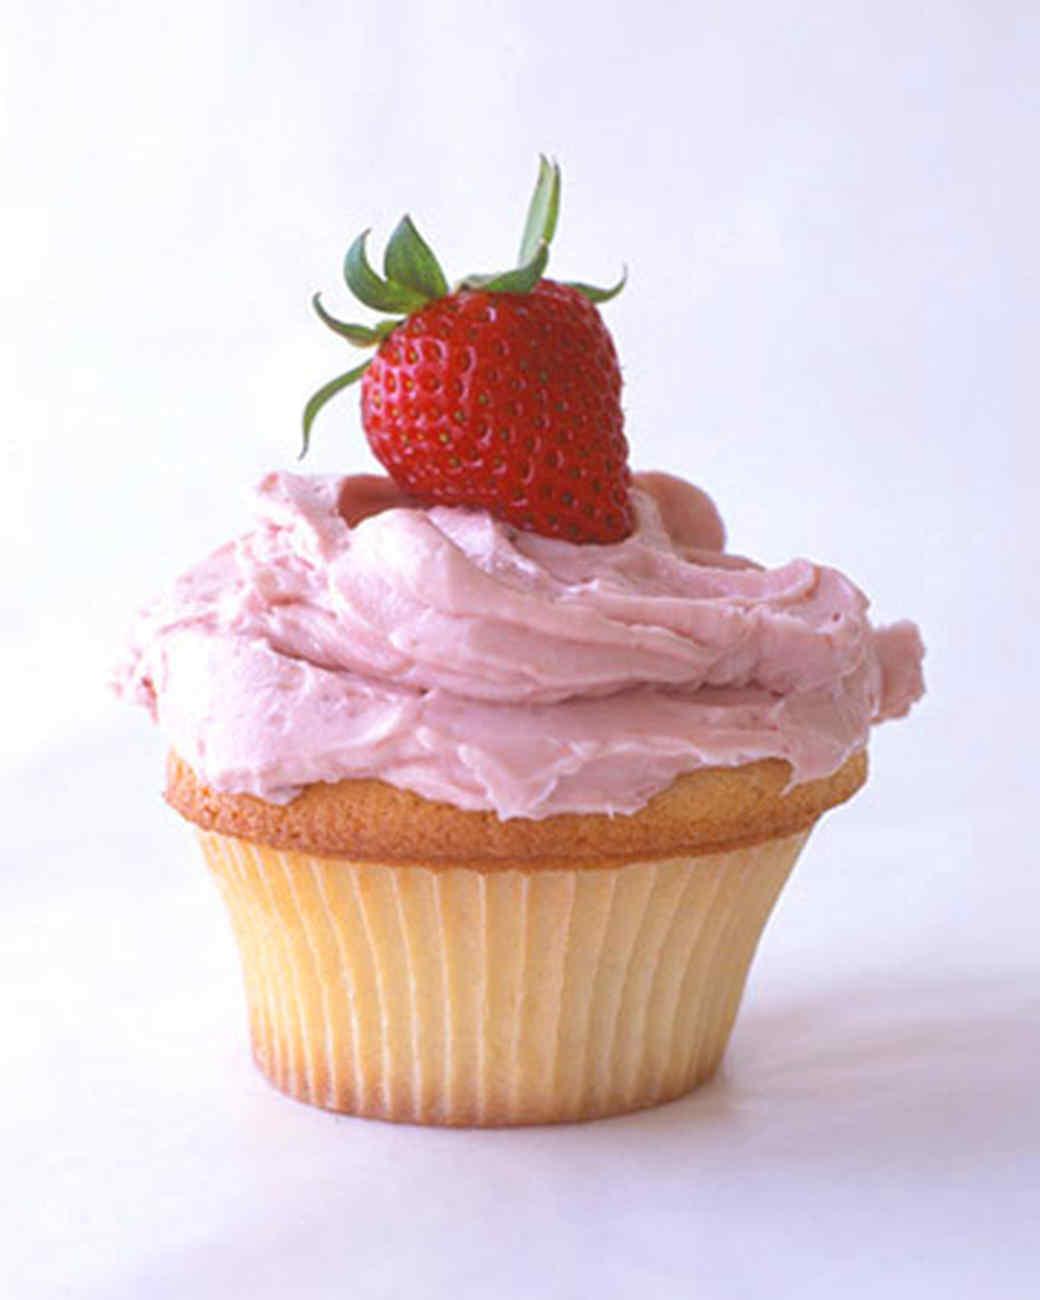 Baby Shower Cakes and Desserts Ideas | Martha Stewart